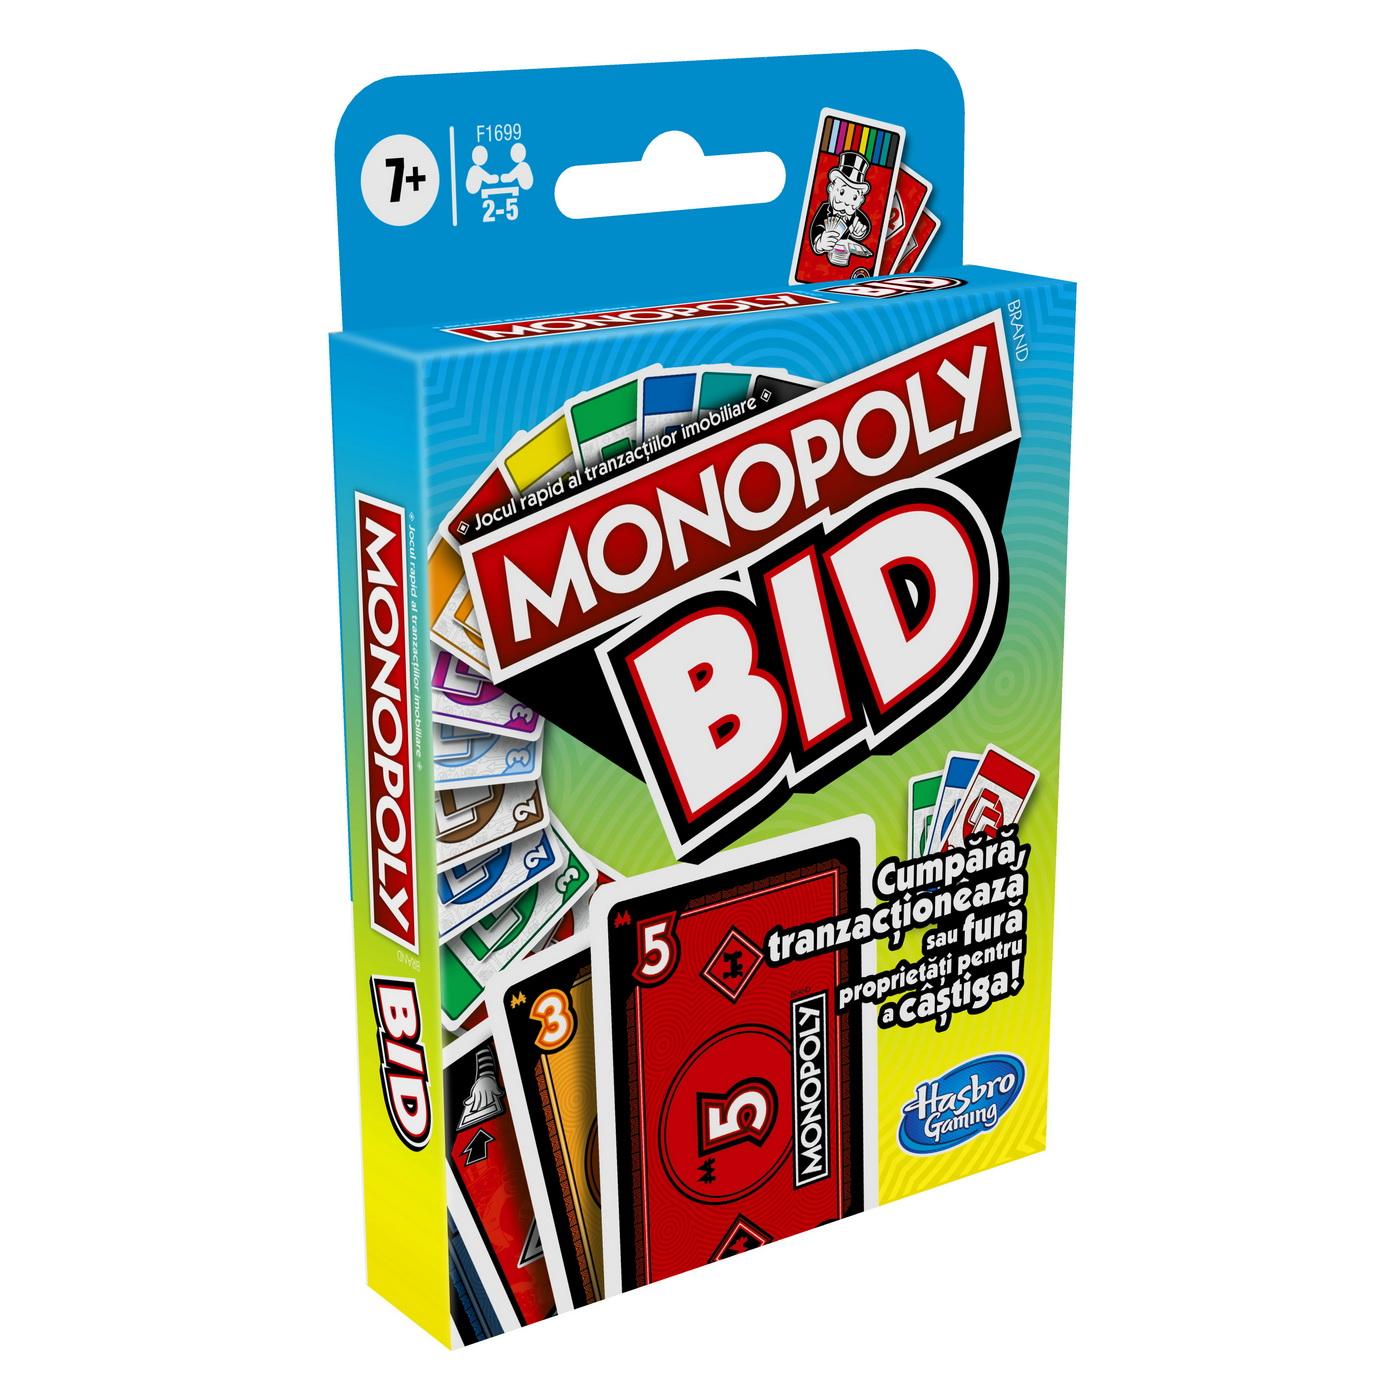 Monopoly Bid Jocul De Carti